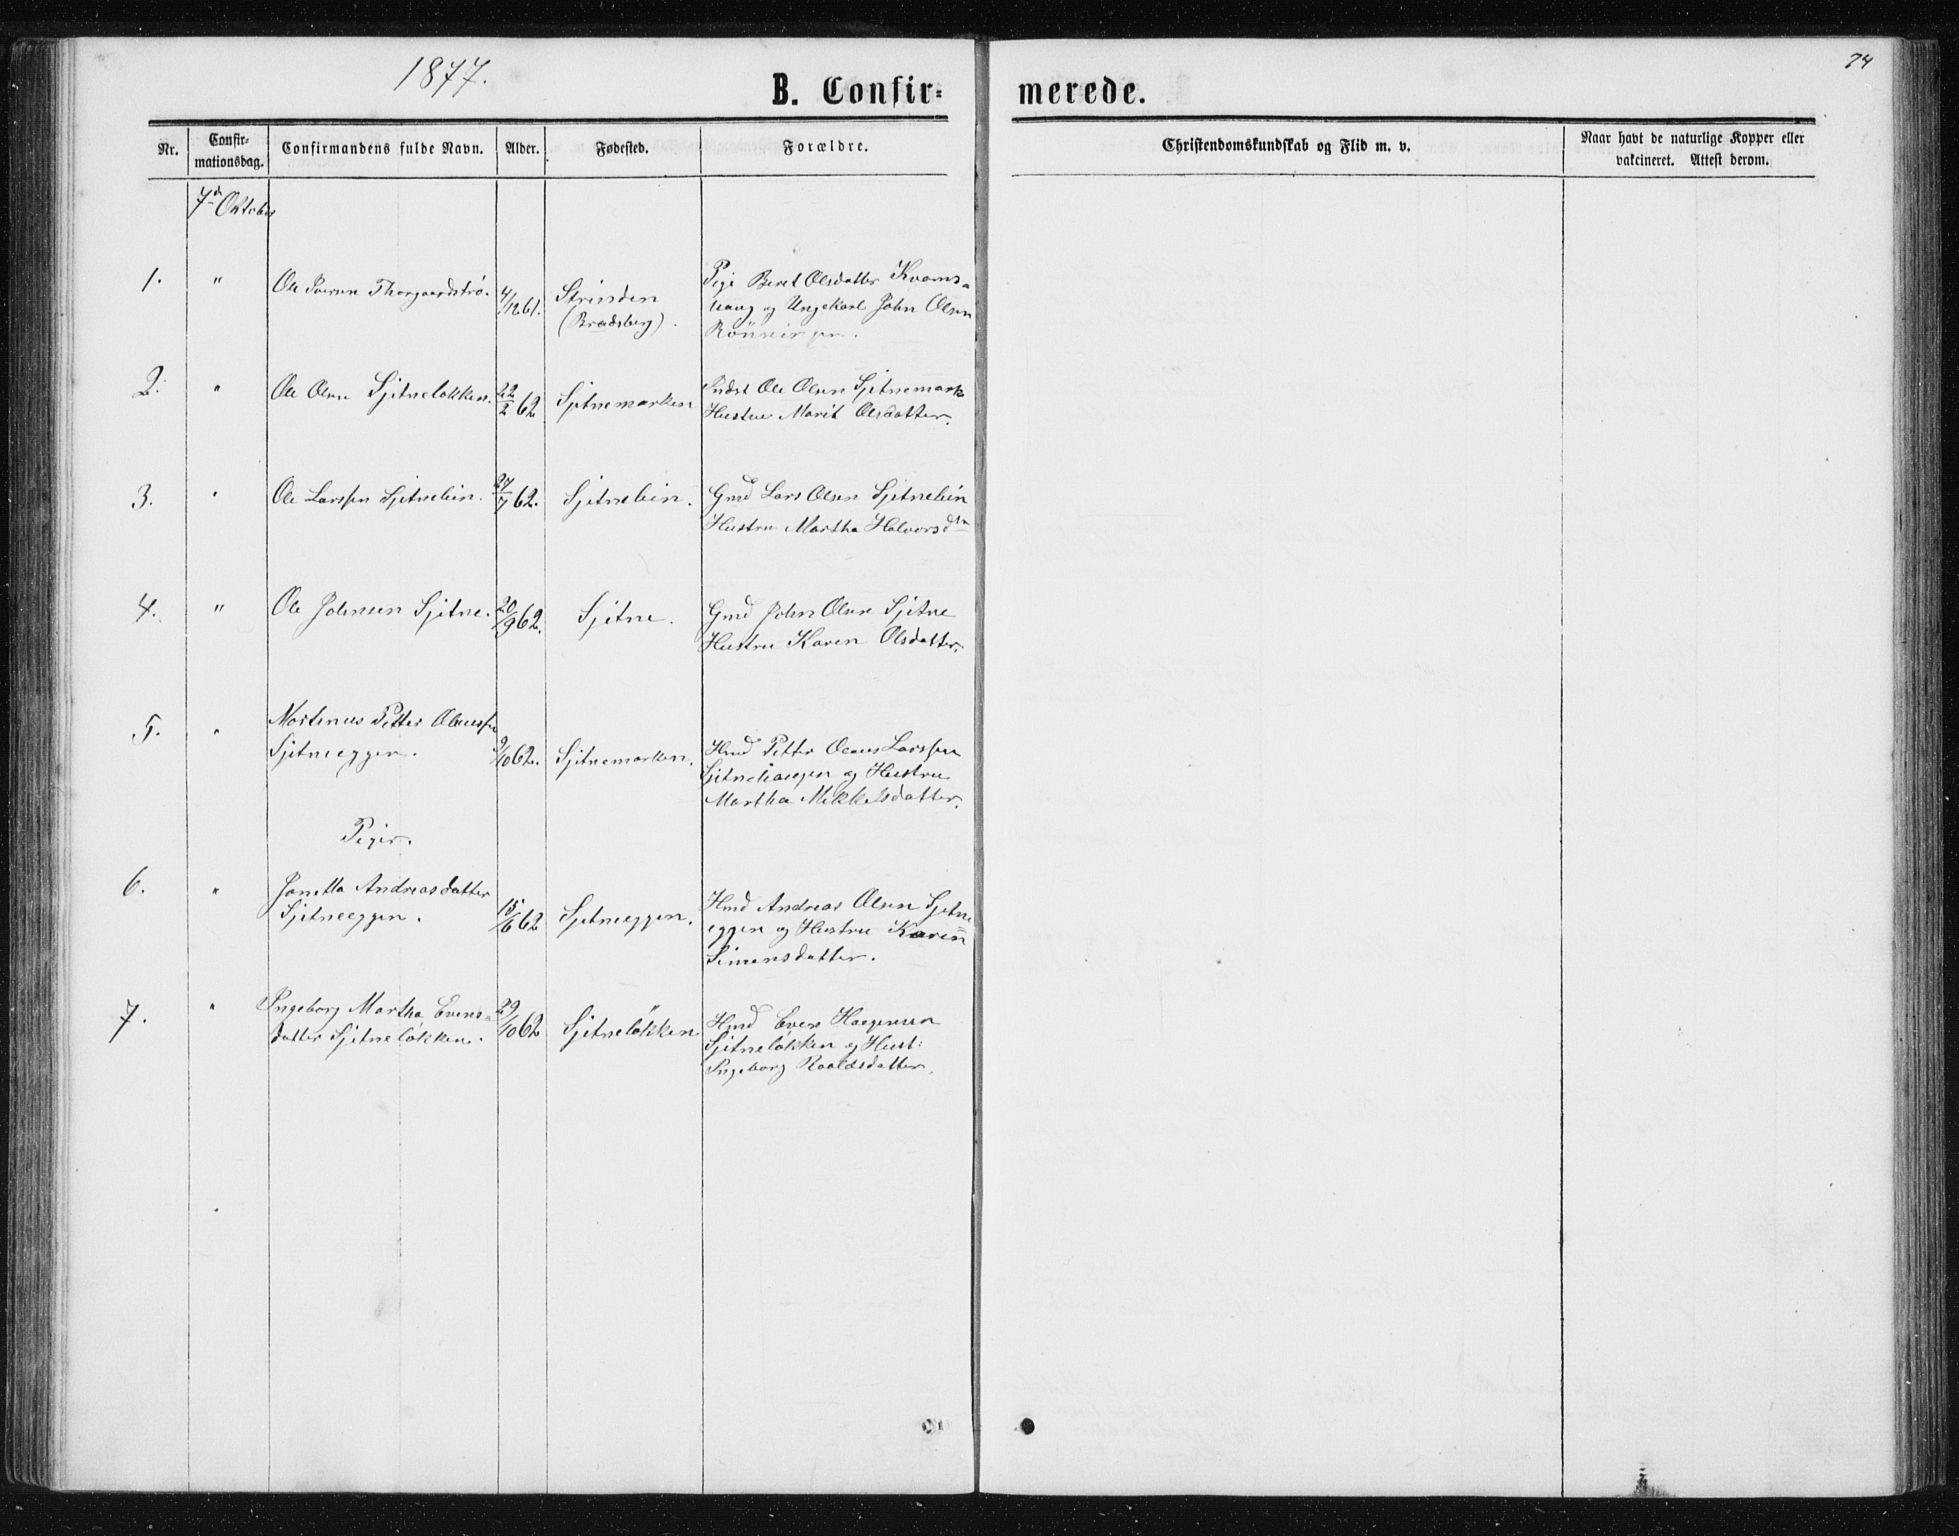 SAT, Ministerialprotokoller, klokkerbøker og fødselsregistre - Sør-Trøndelag, 621/L0459: Klokkerbok nr. 621C02, 1866-1895, s. 74